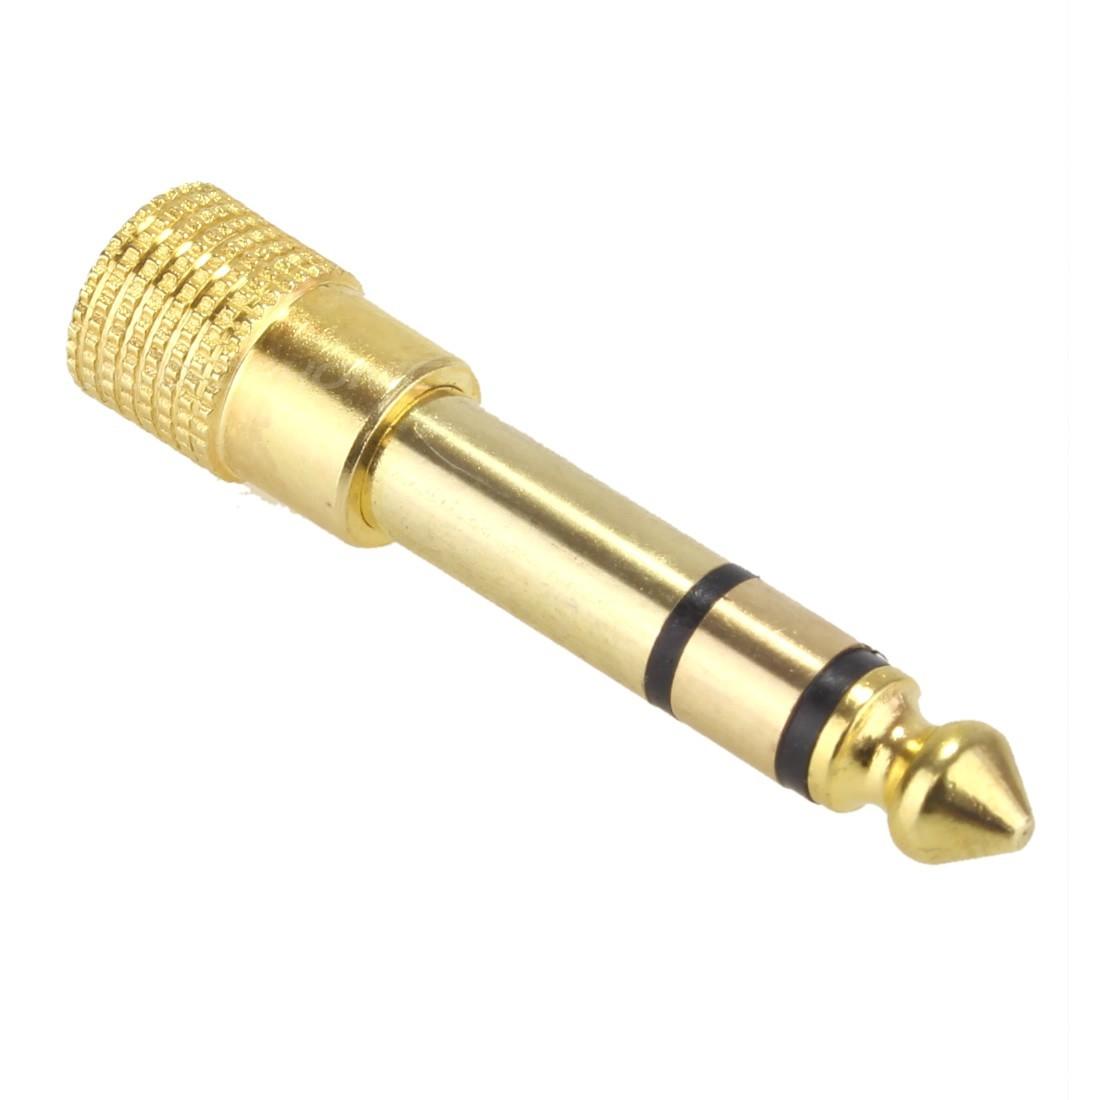 Adaptateur Jack 3.5mm femelle vers Jack 6.35mm mâle stéréo Plaqué Or